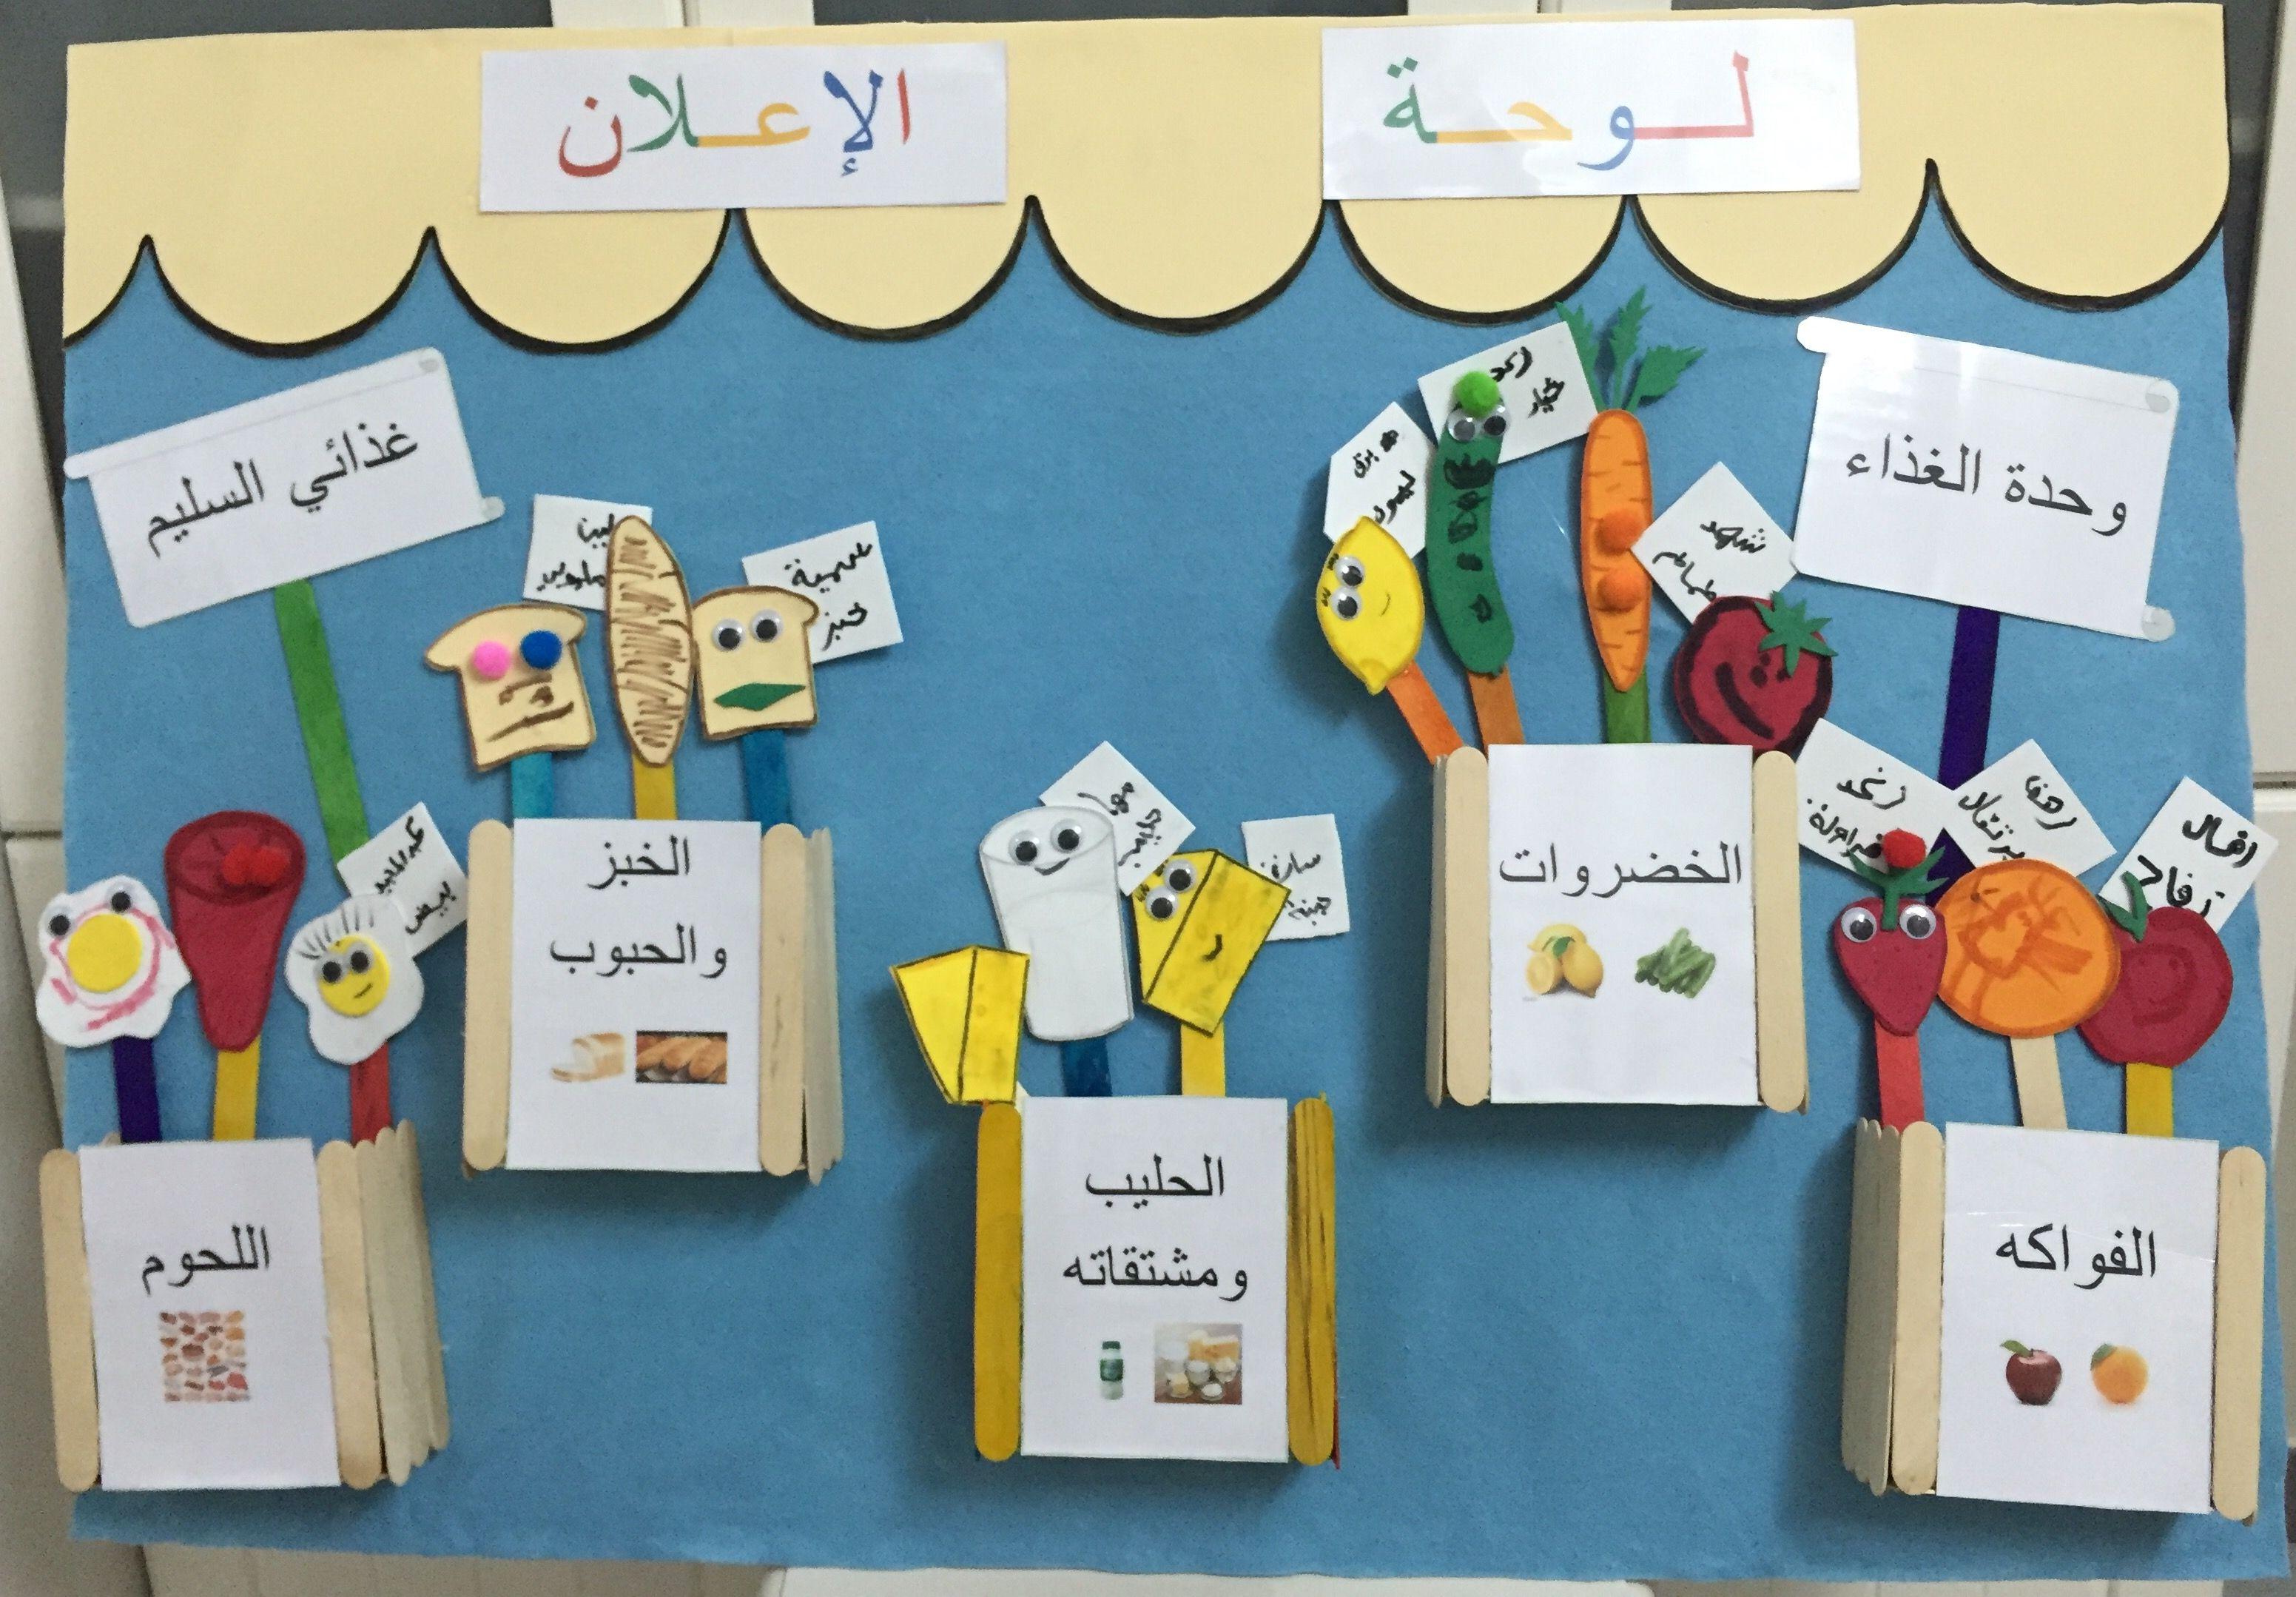 لوحة الاعلان وحدة الغذاء غذائي السليم توضح اللوحة مفهوم الغذاء مع اعطائه بعض من انواع الاط School Art Activities Arabic Alphabet For Kids Alphabet For Kids